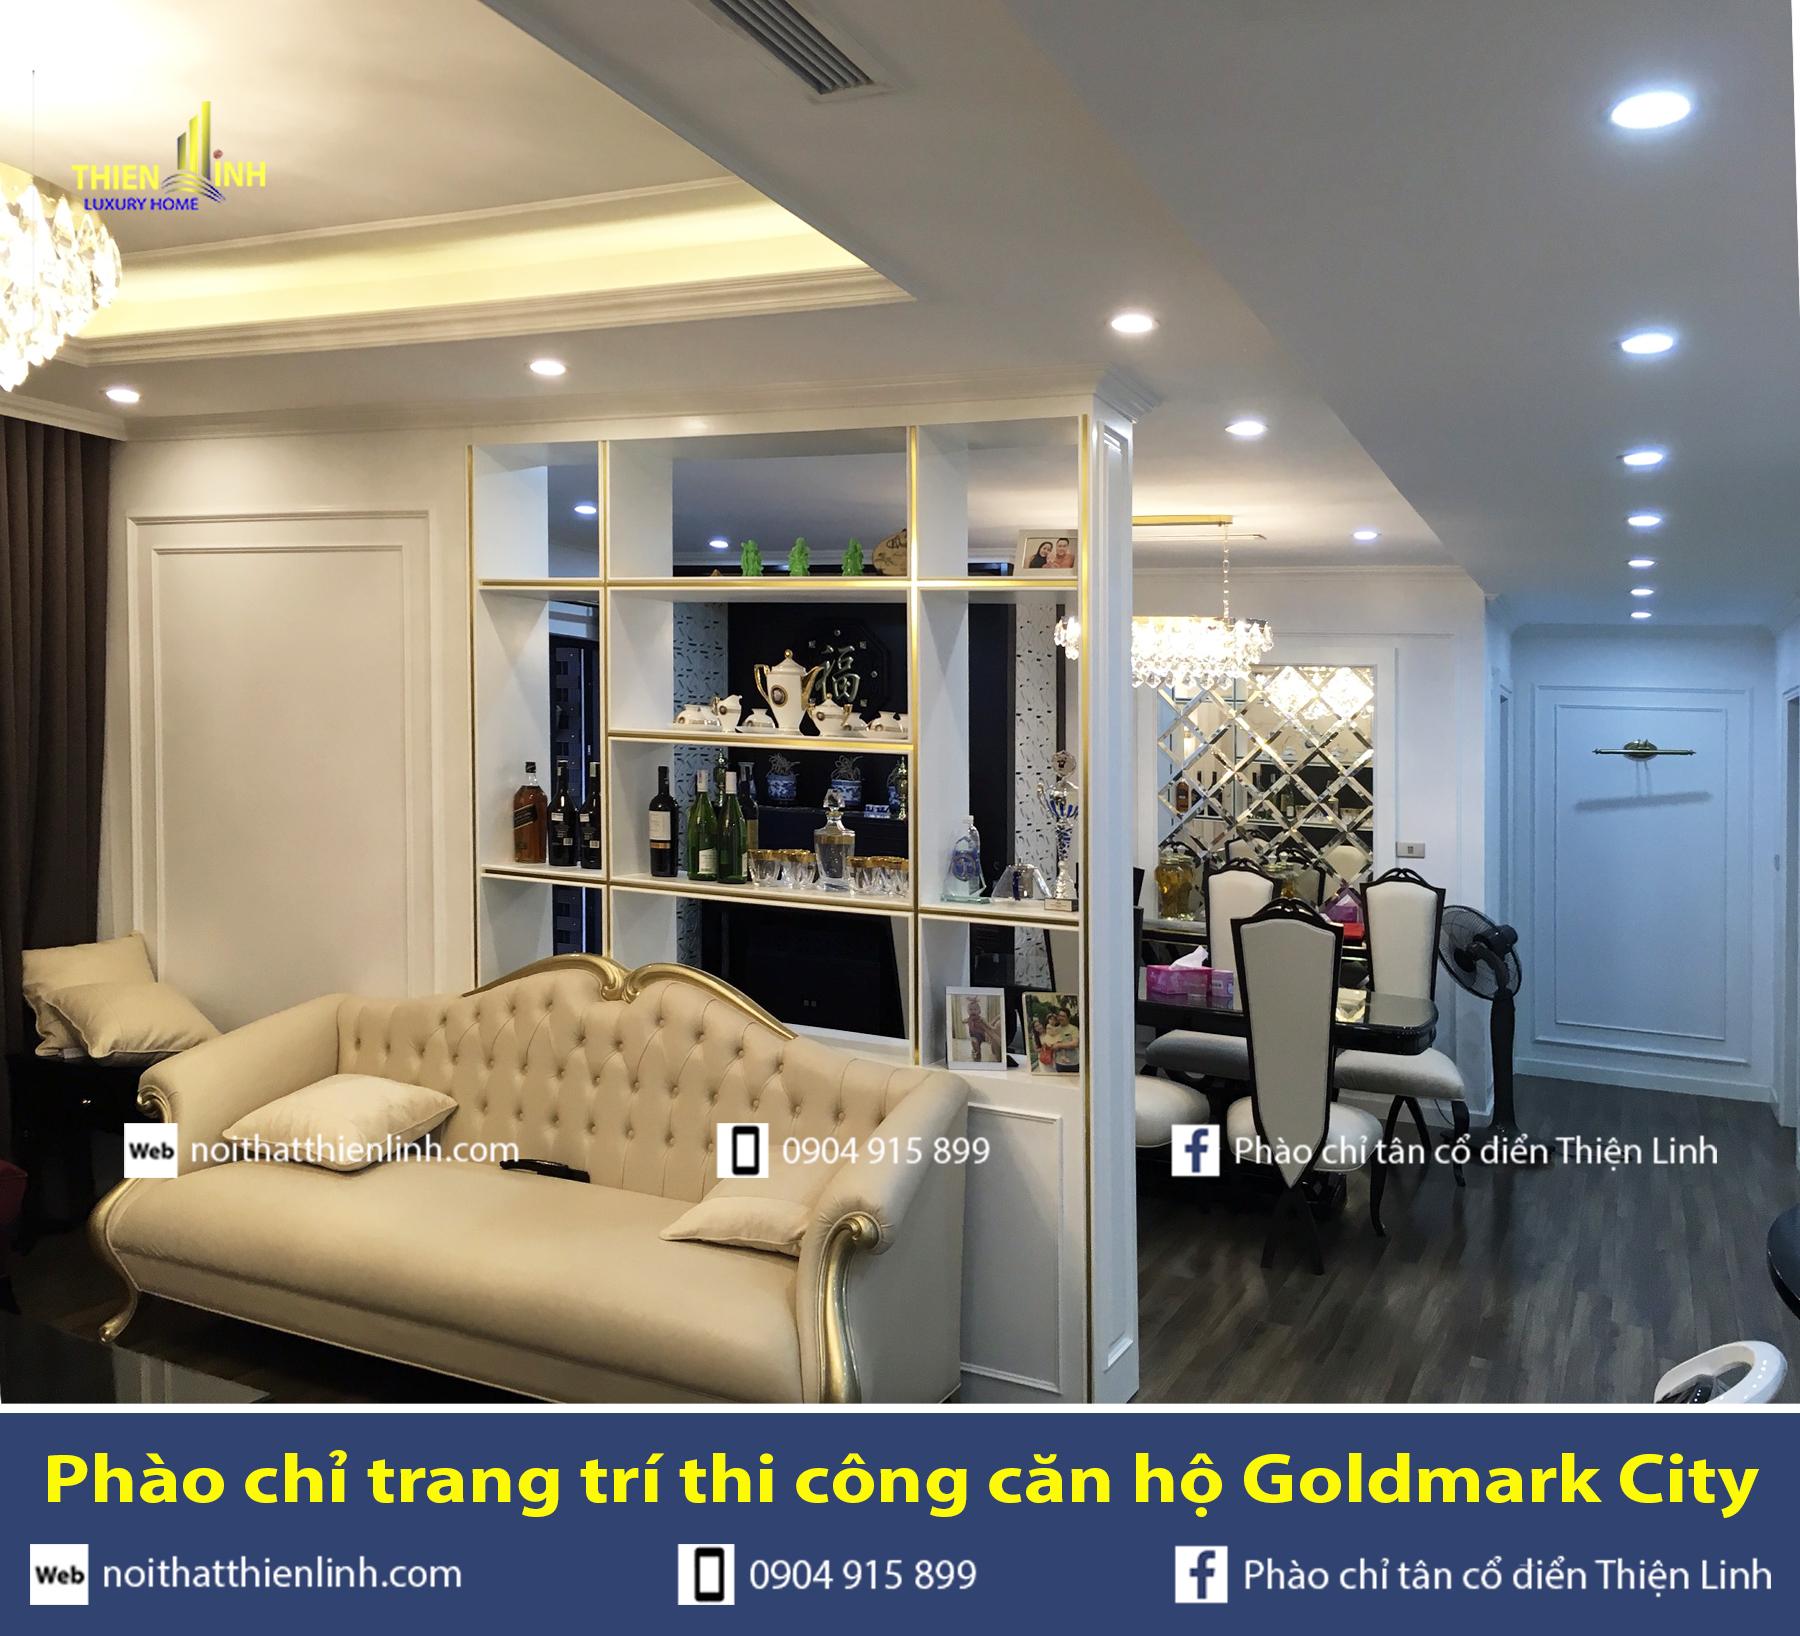 Phào chỉ trang trí thi công căn hộ Goldmark City (5)